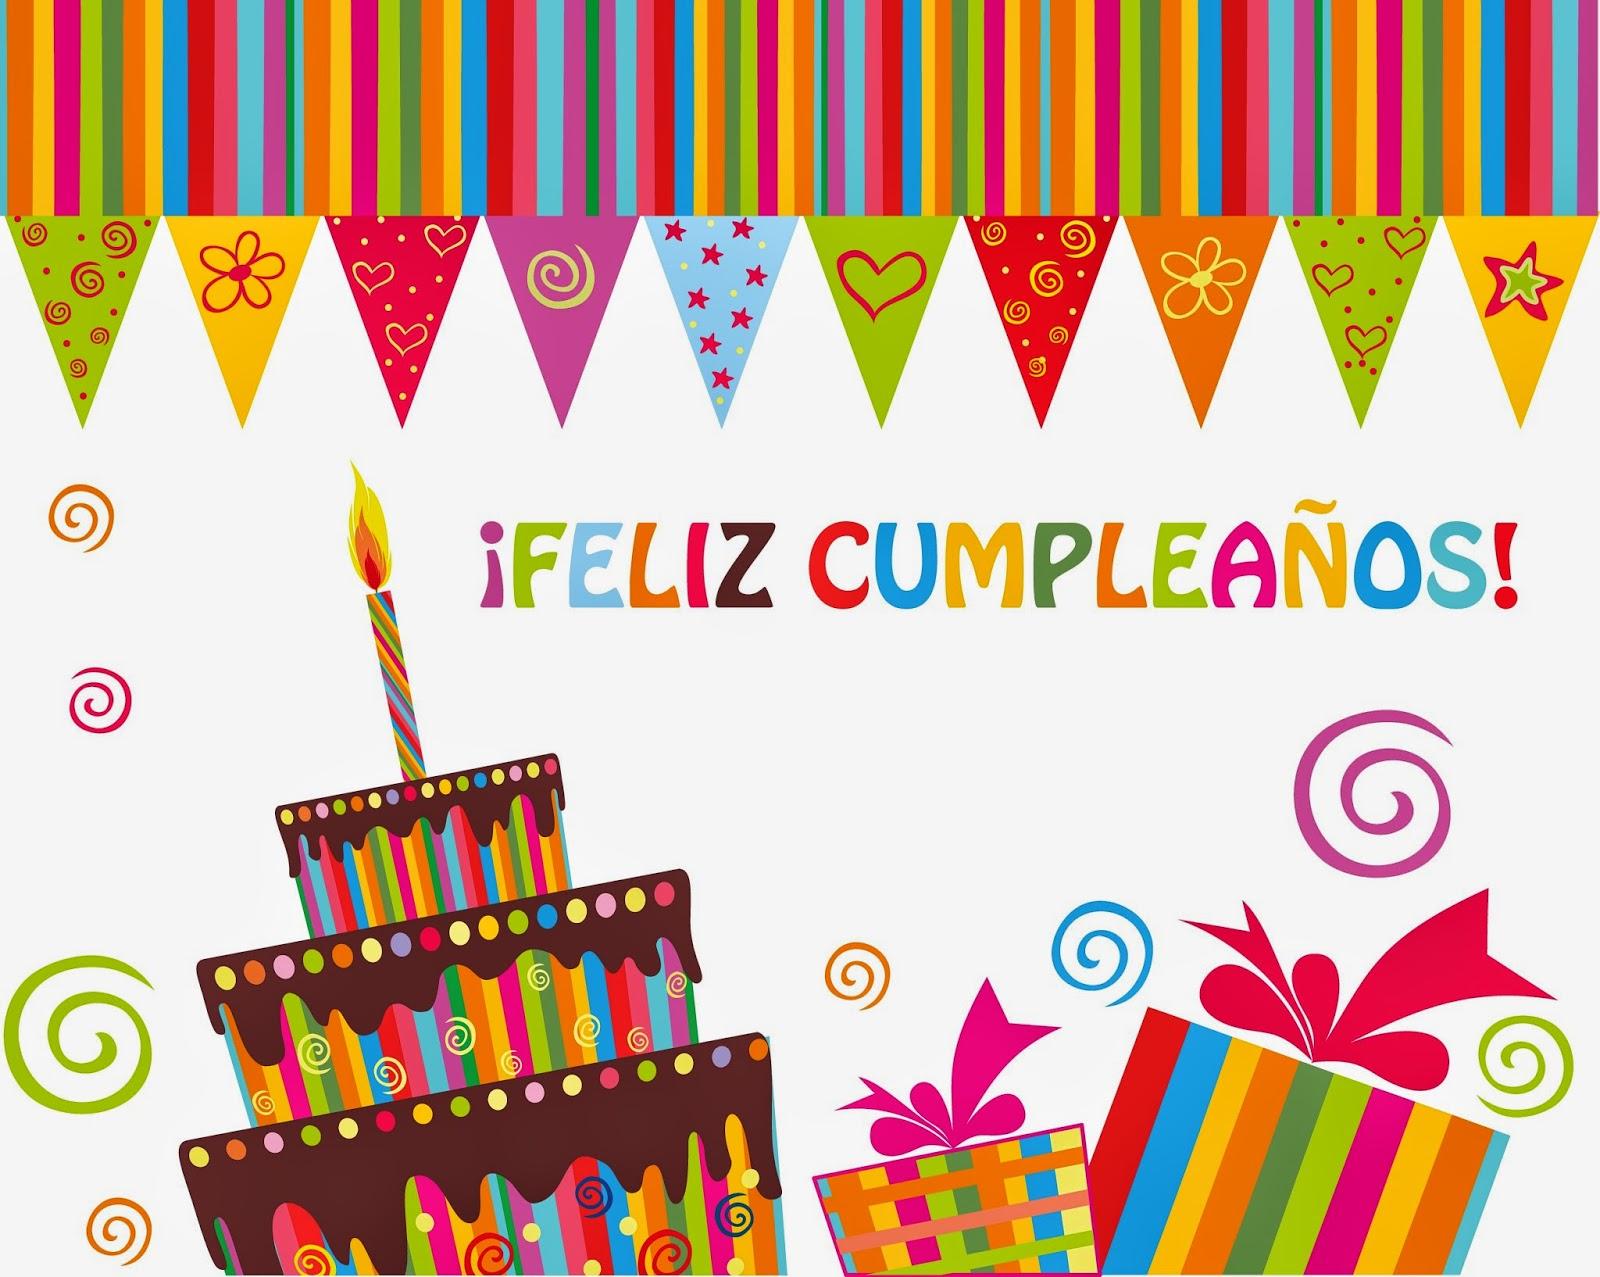 Imágenes Pasteles Bonitos Para Cumpleaños: Imágenes De Regalos De Cumpleaños